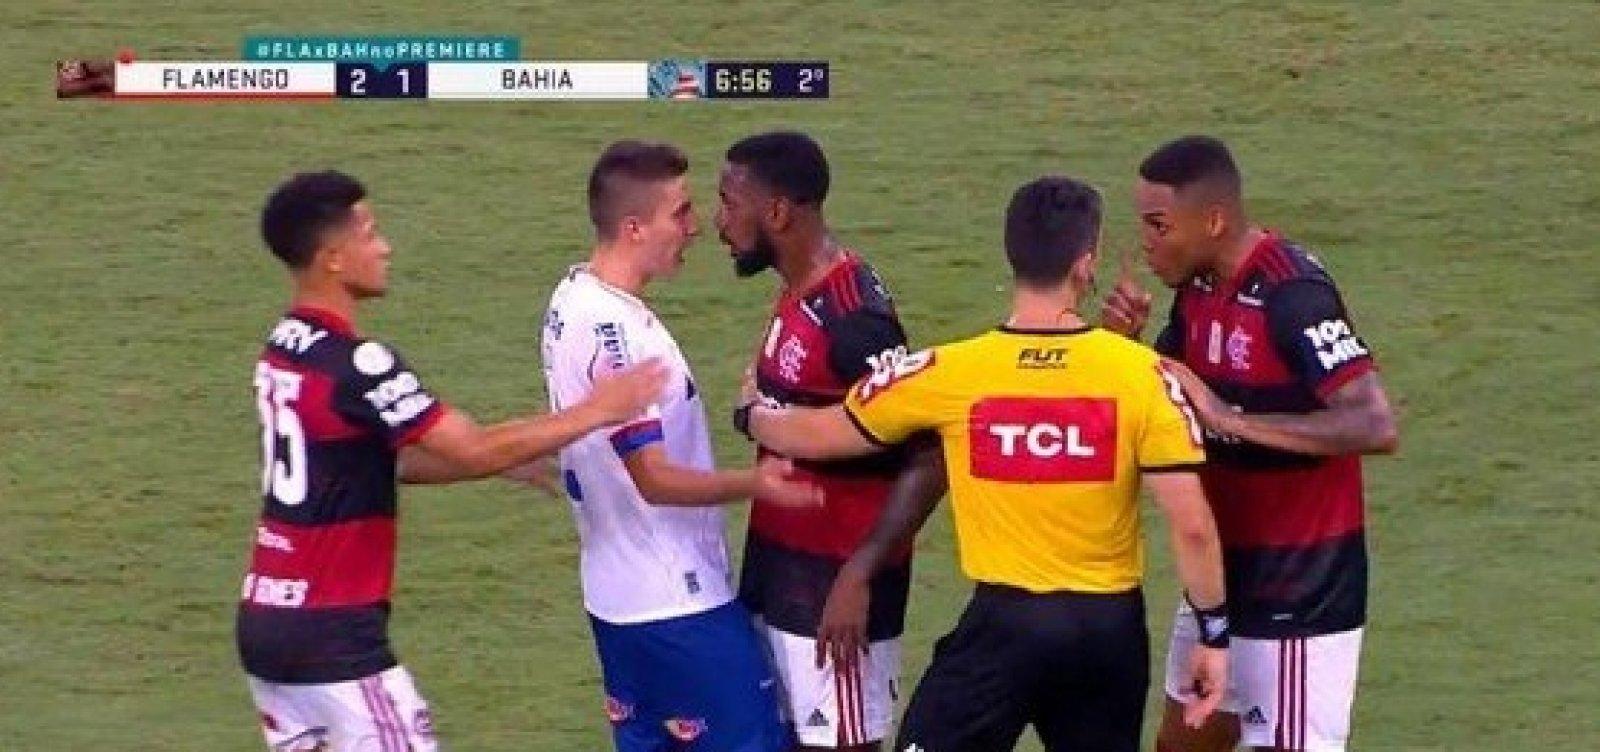 Ramírez, do Bahia e Gerson, do Flamengo, são intimados a depor na sede do STJD